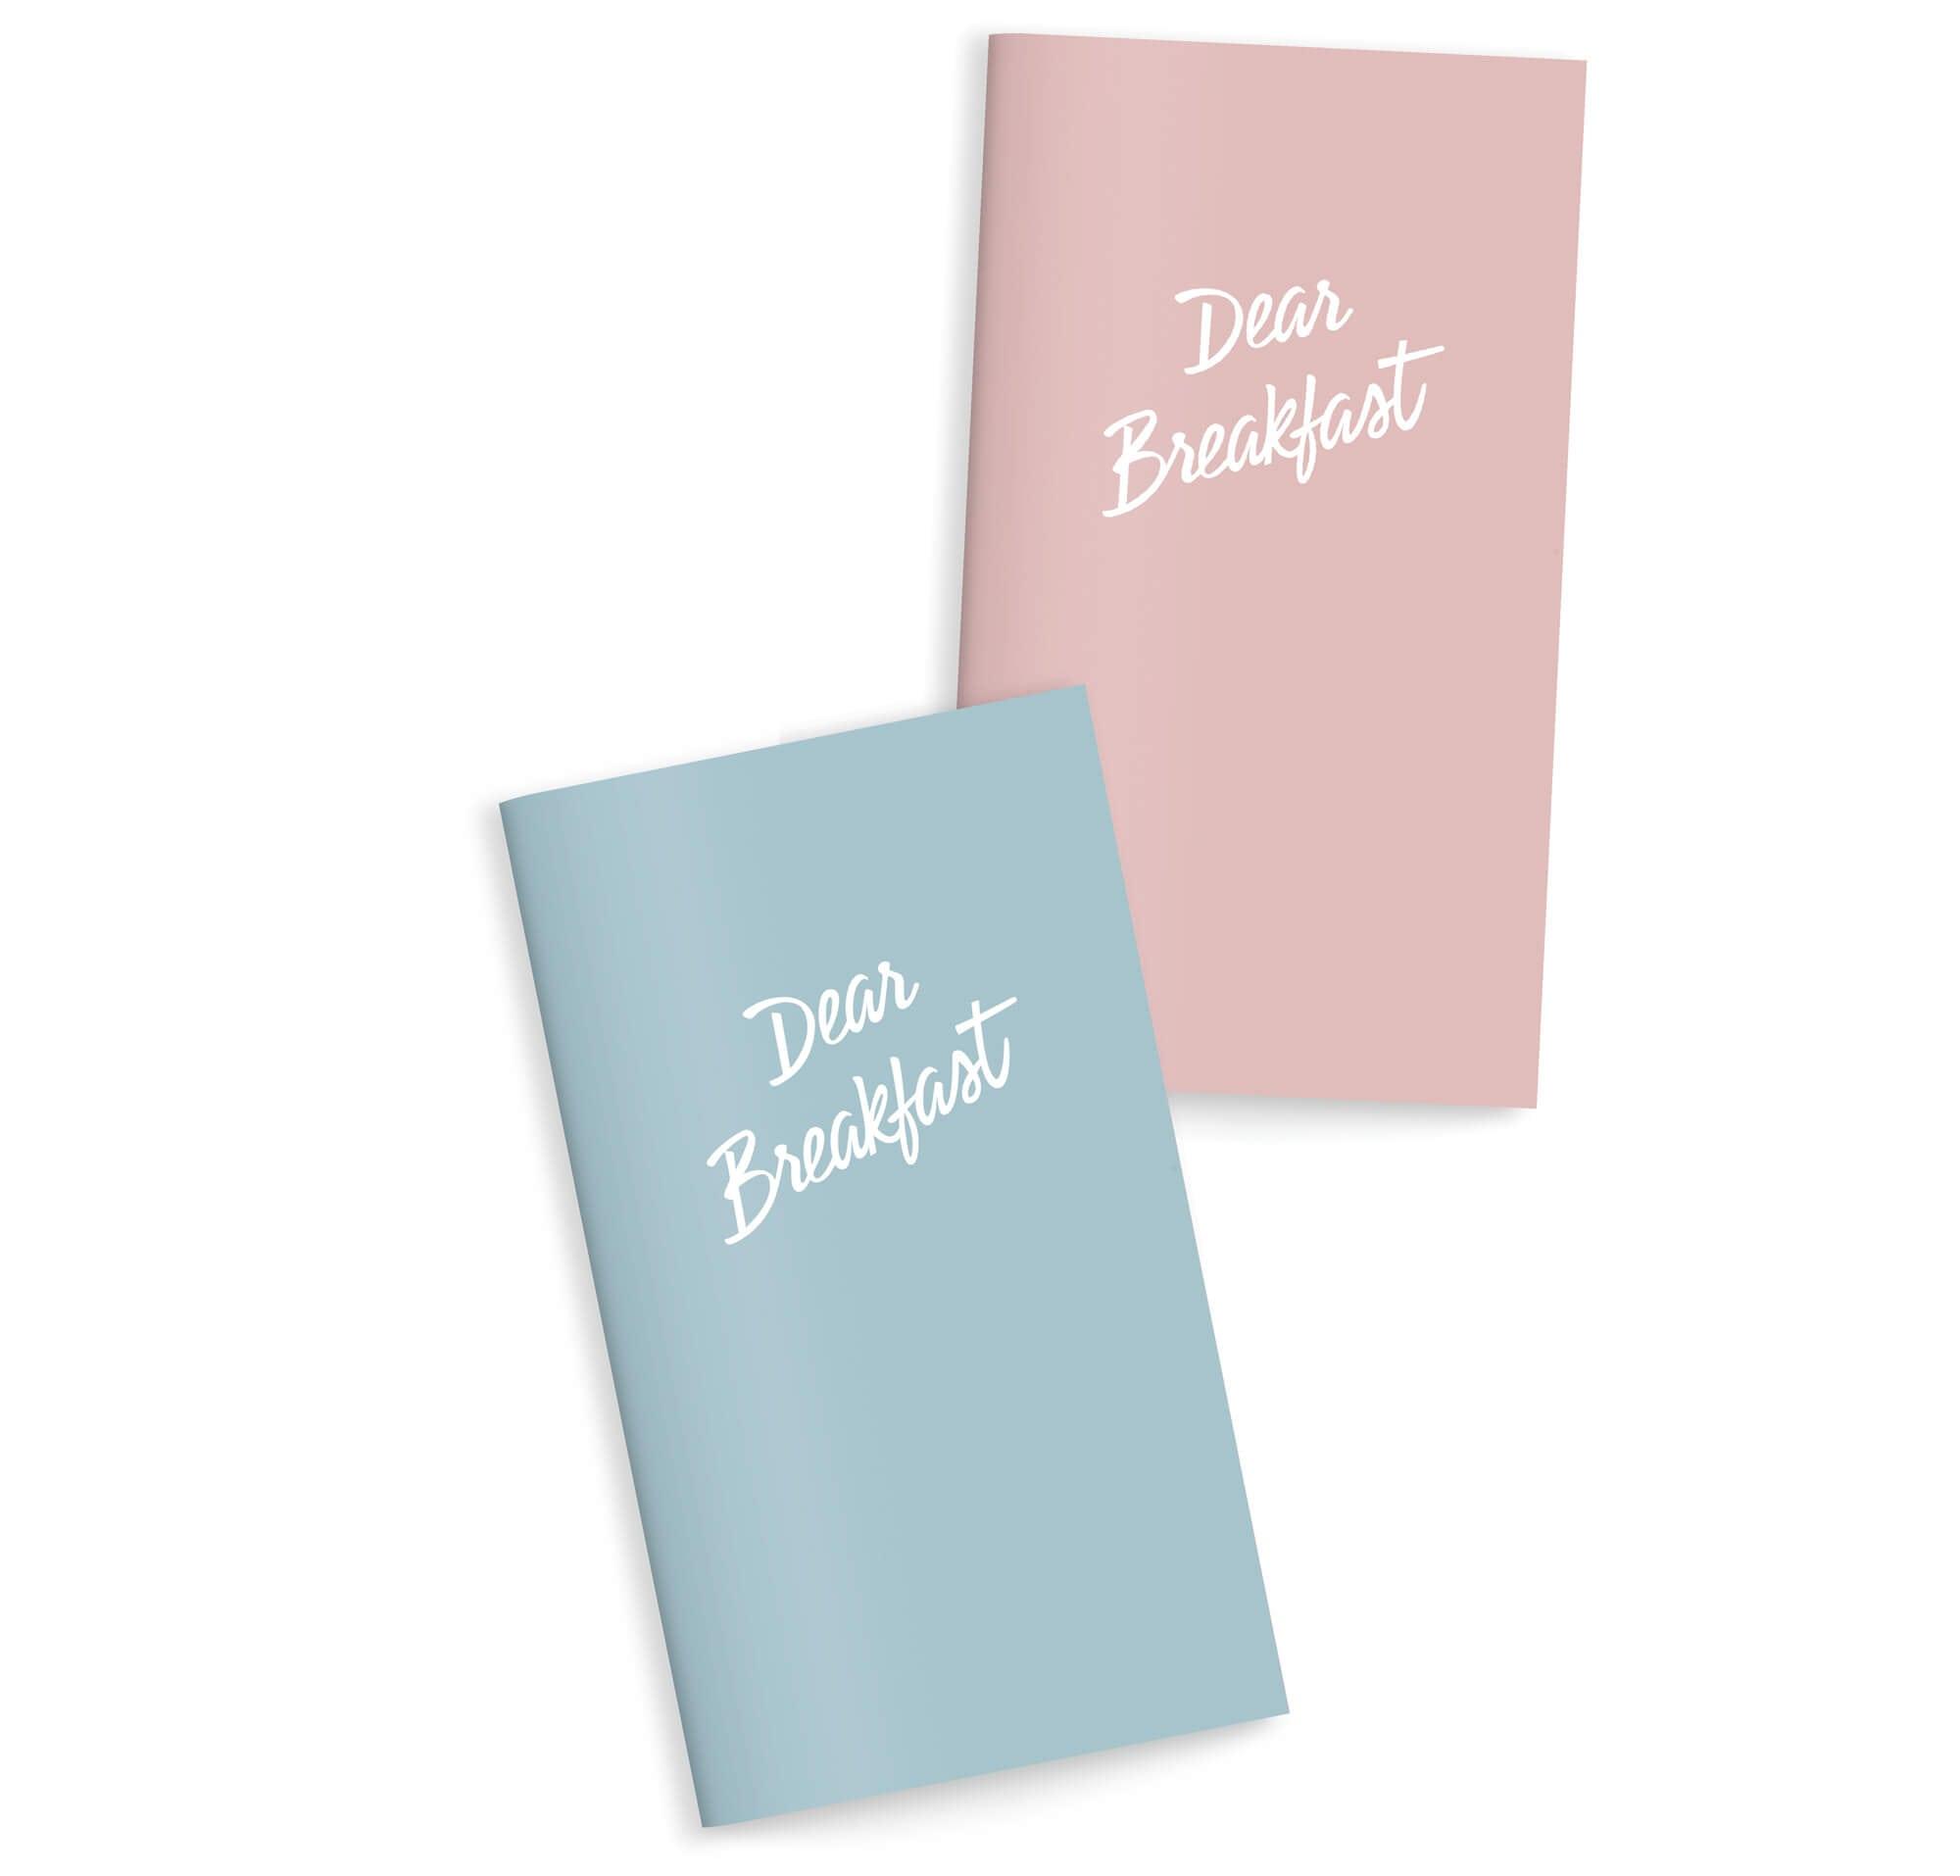 couverture des breakfast menu en rose et bleu du restaurant portuguais Dear Breakfast, un logo redessiné par le bureau Ichetkar